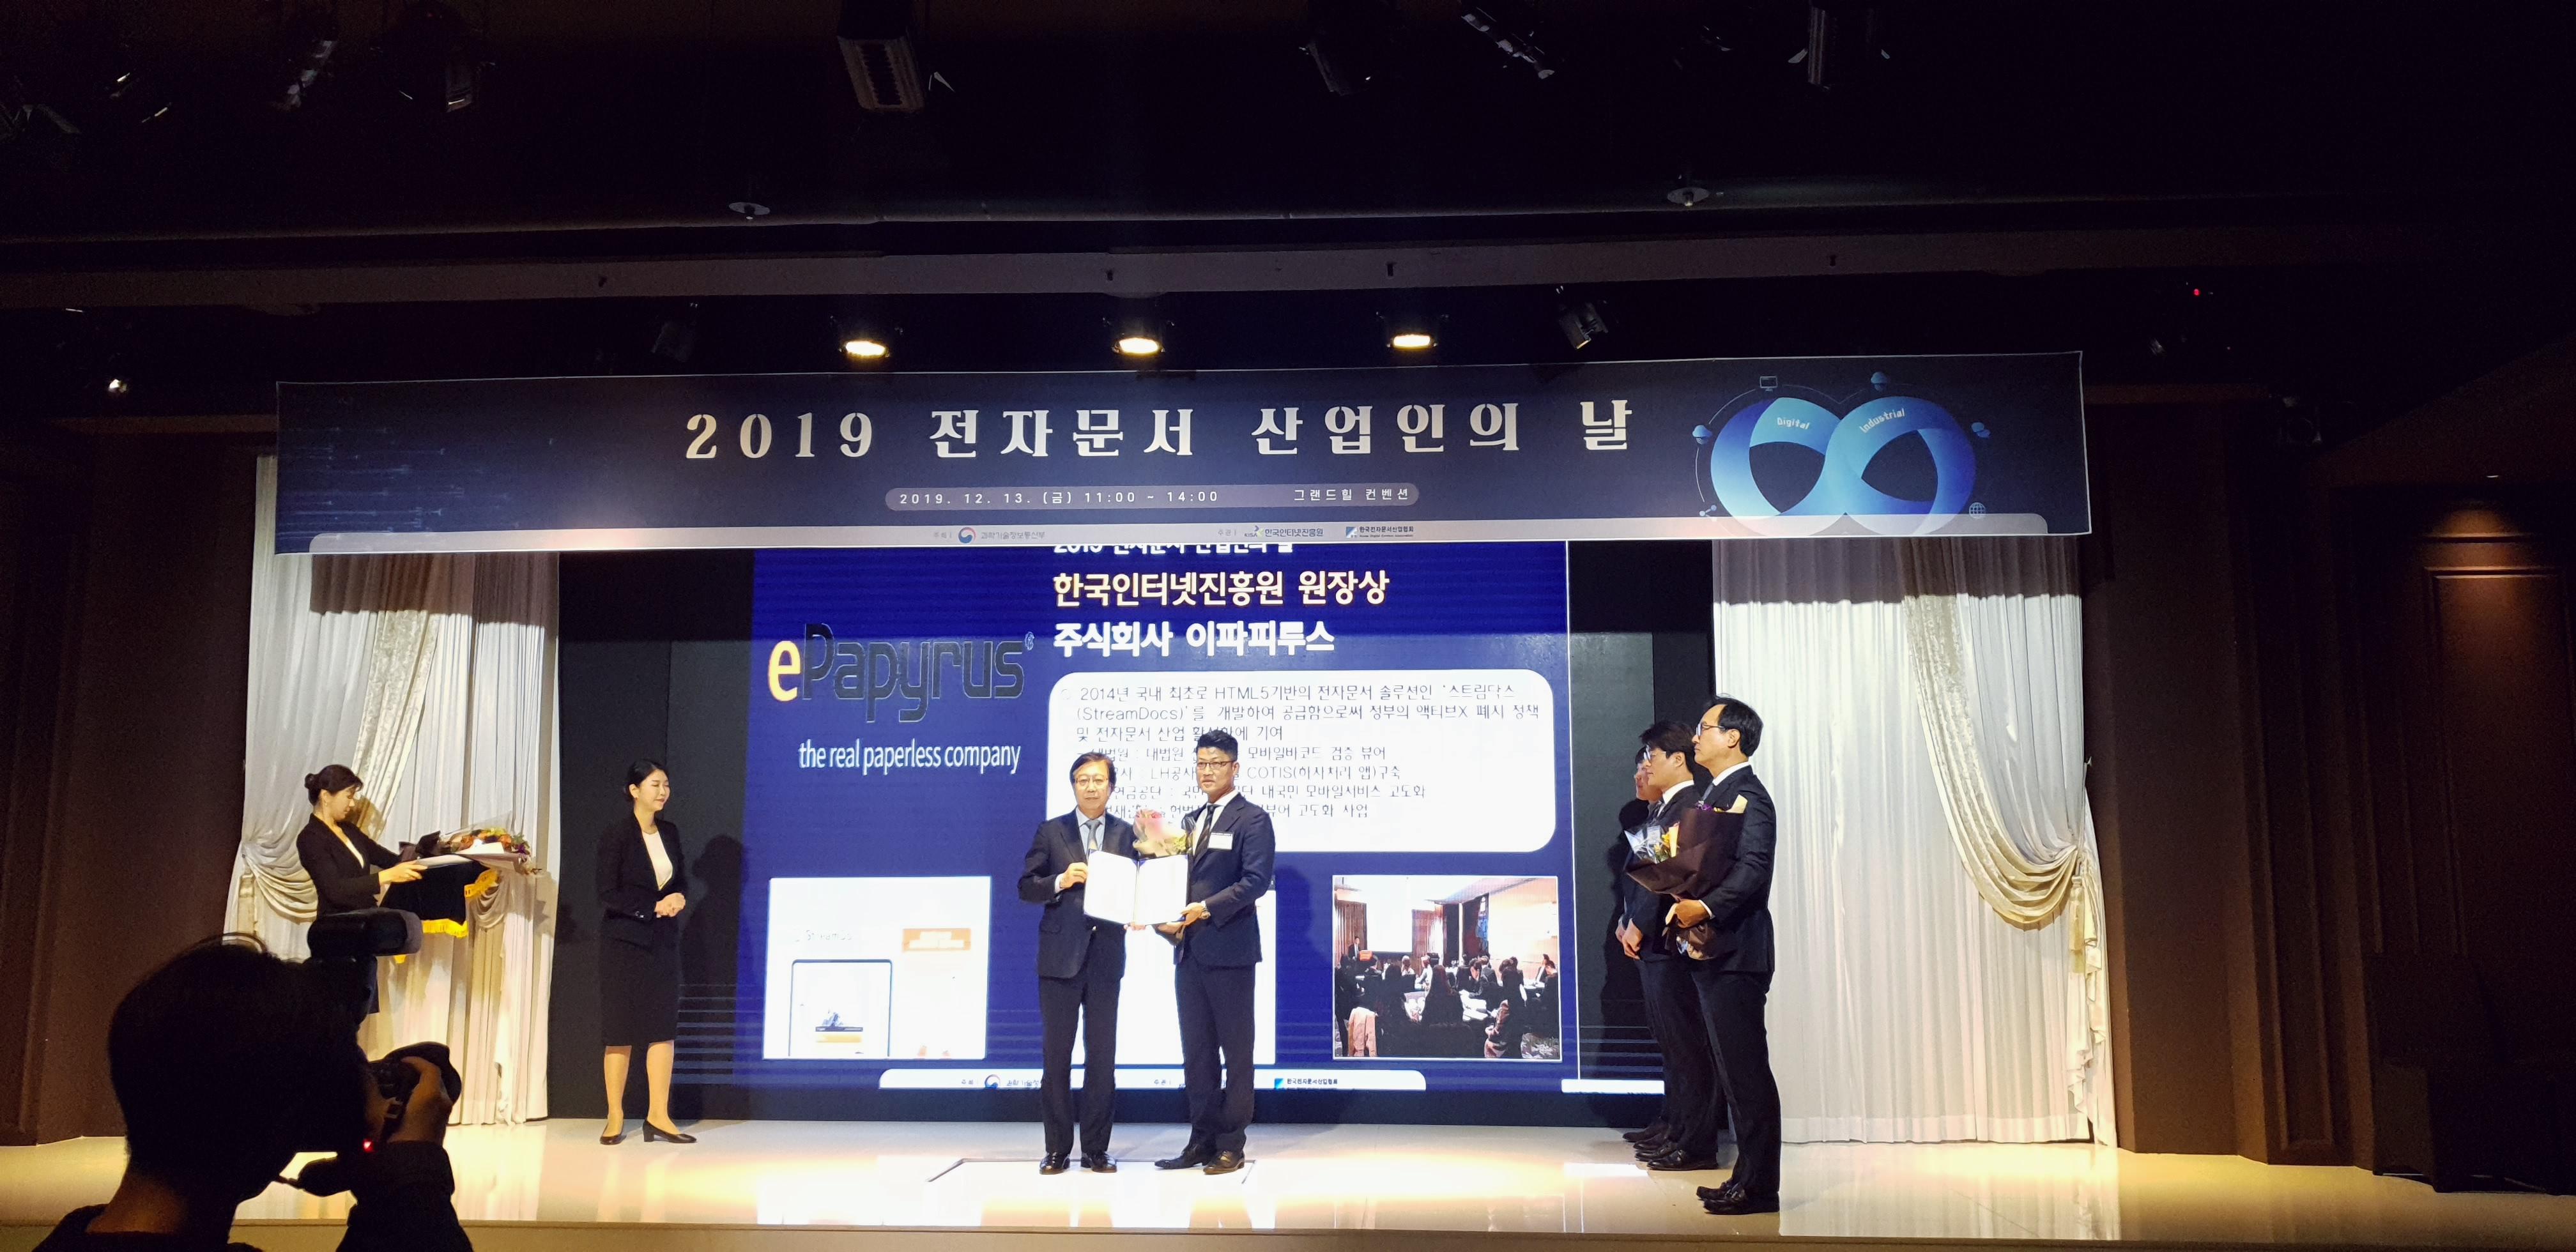 이파피루스, 2019 전자문서 유공포상 수상! 이미지